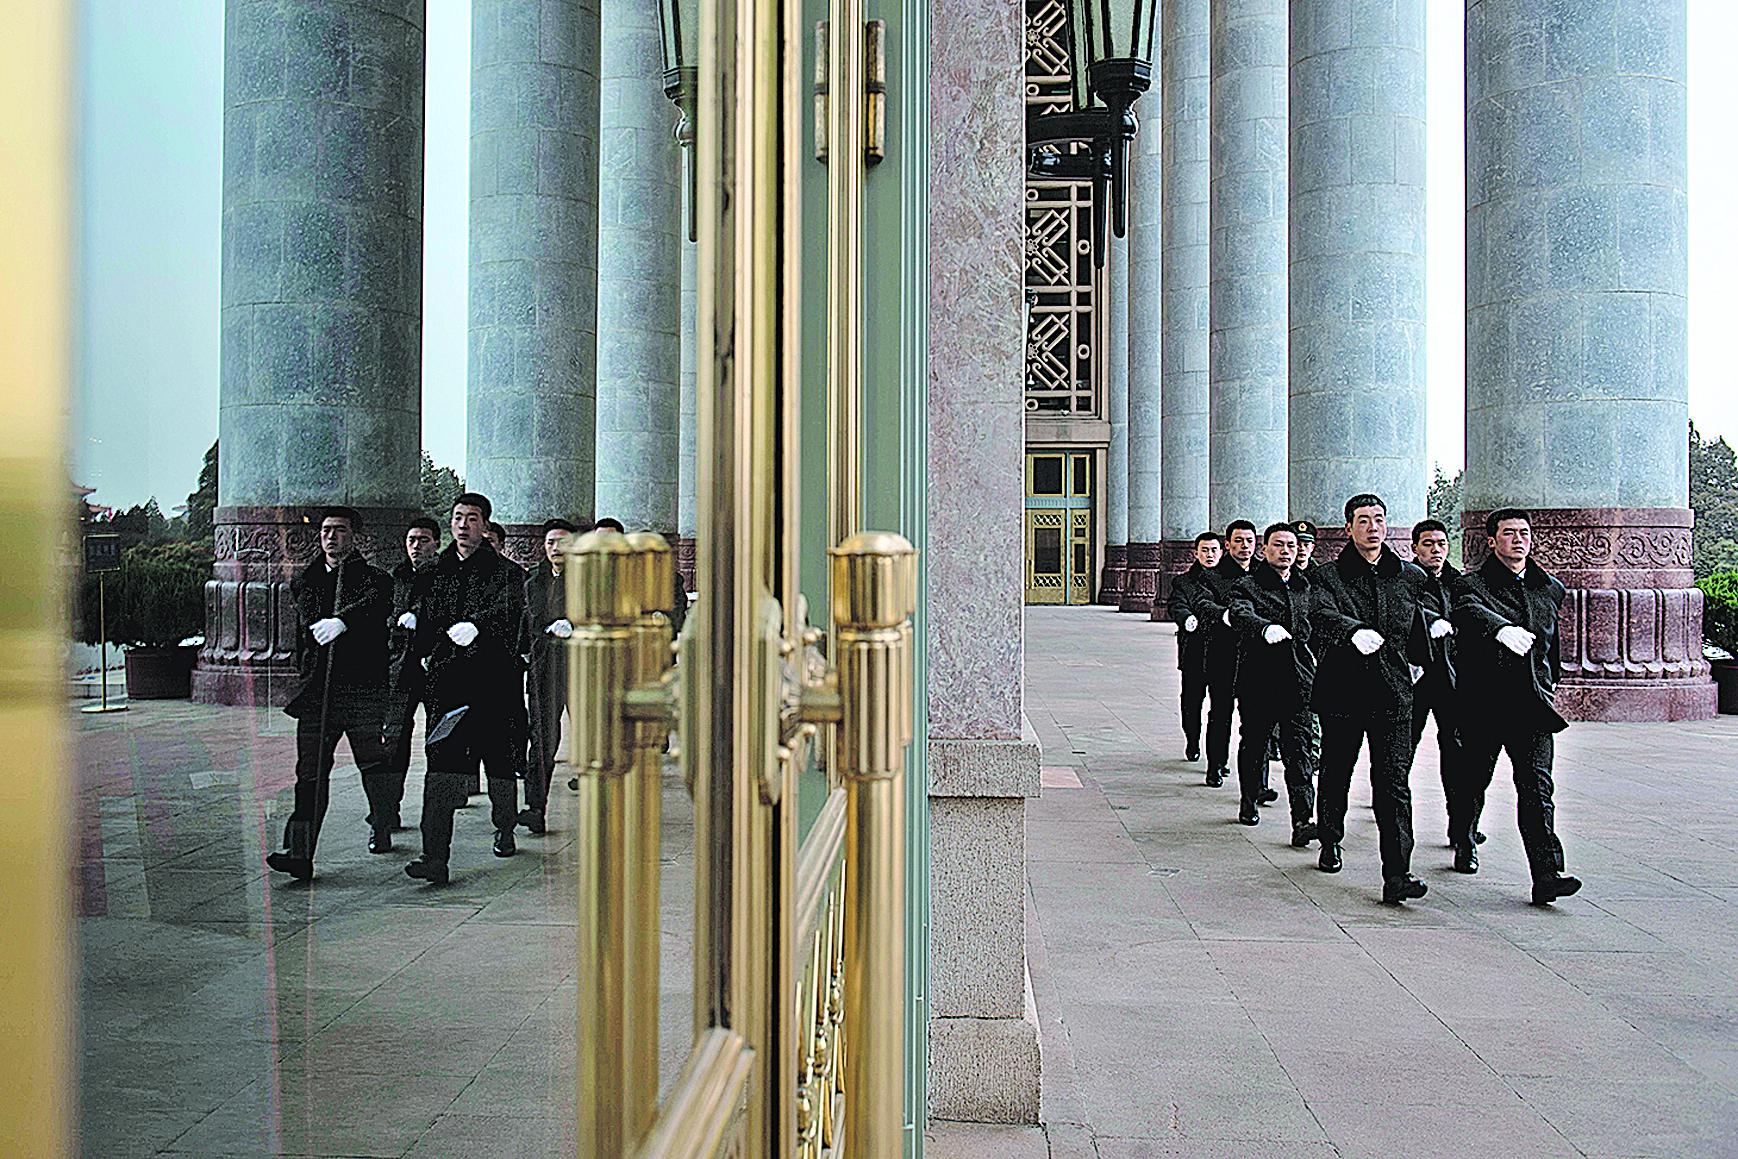 習當局在兩會前針對官場、軍隊、政法、經濟、教育五大系統及涉港台機構同步展開清洗行動,震懾江派。(Getty Images)